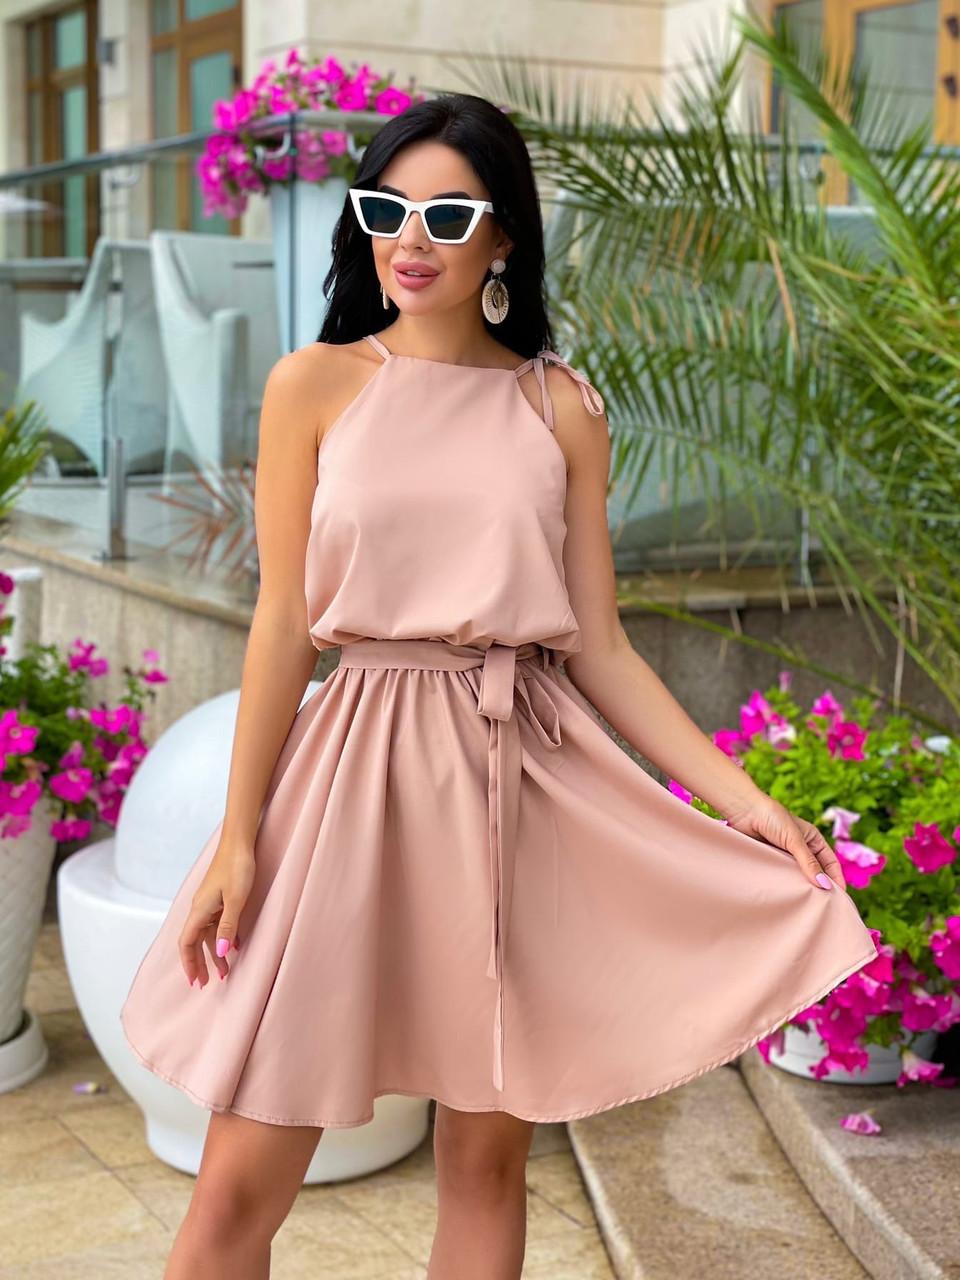 Літнє плаття жіноче Софт Розмір 42 44 46 48 В наявності 5 кольорів